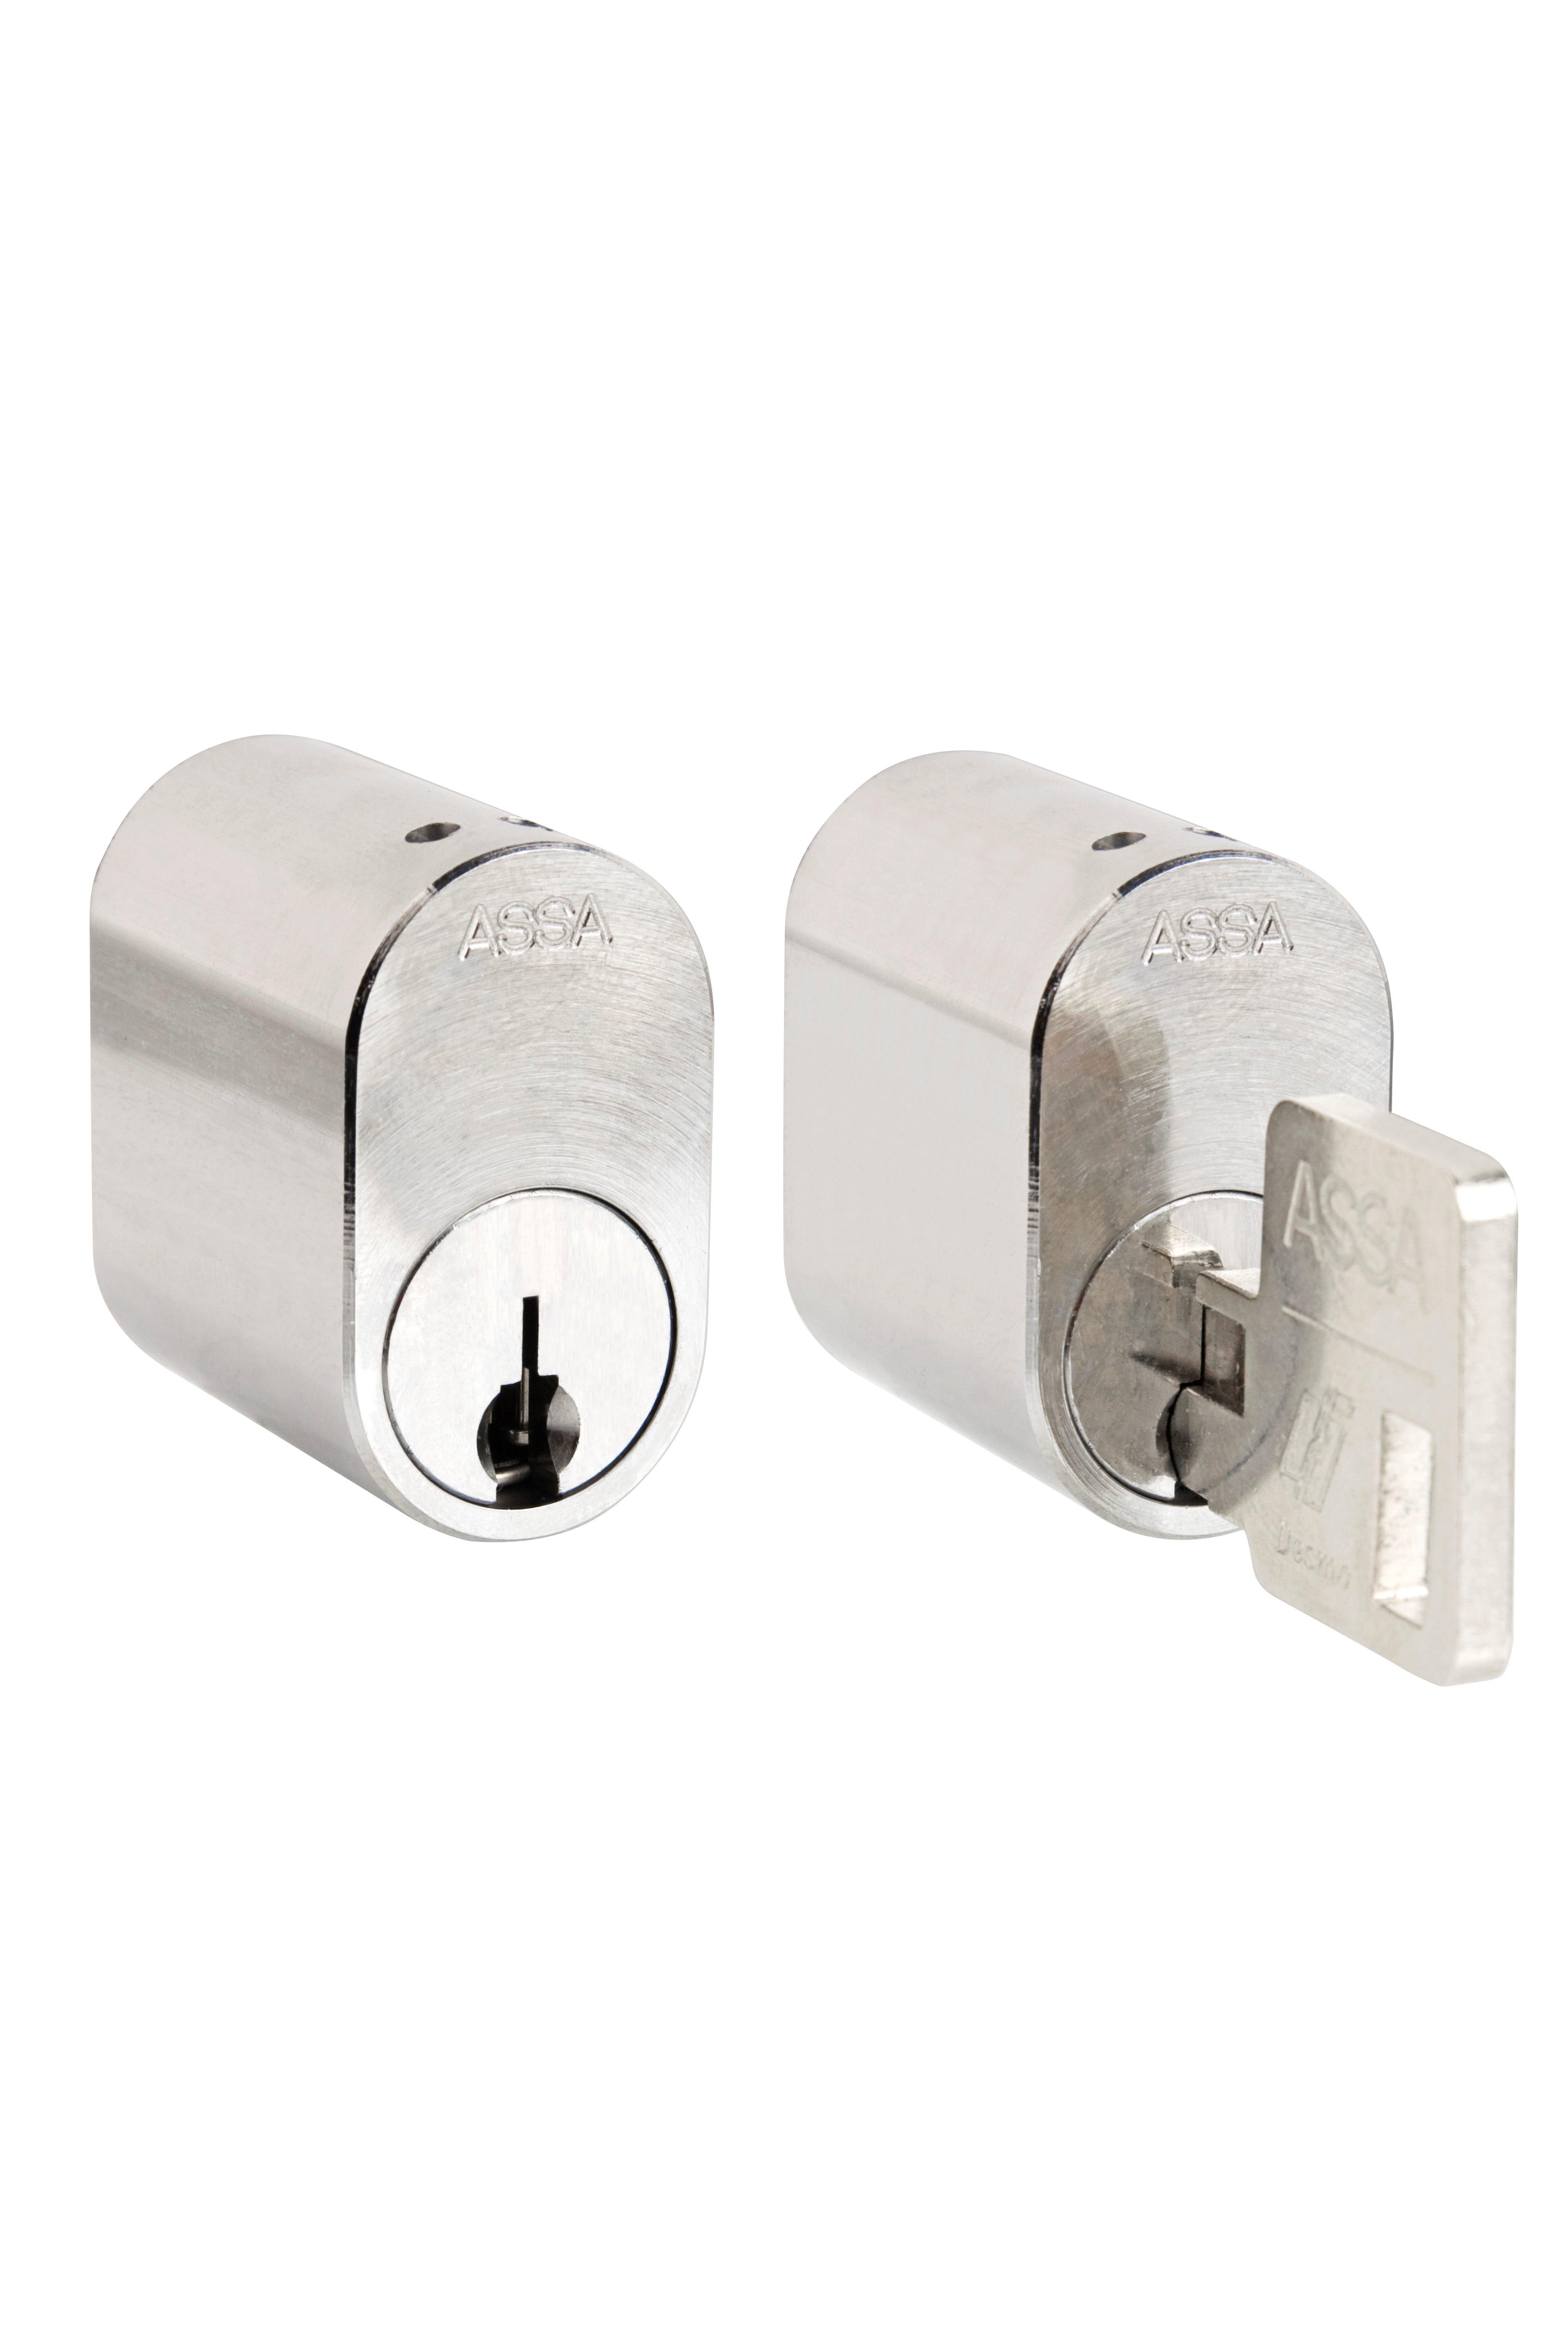 391333 cam lock